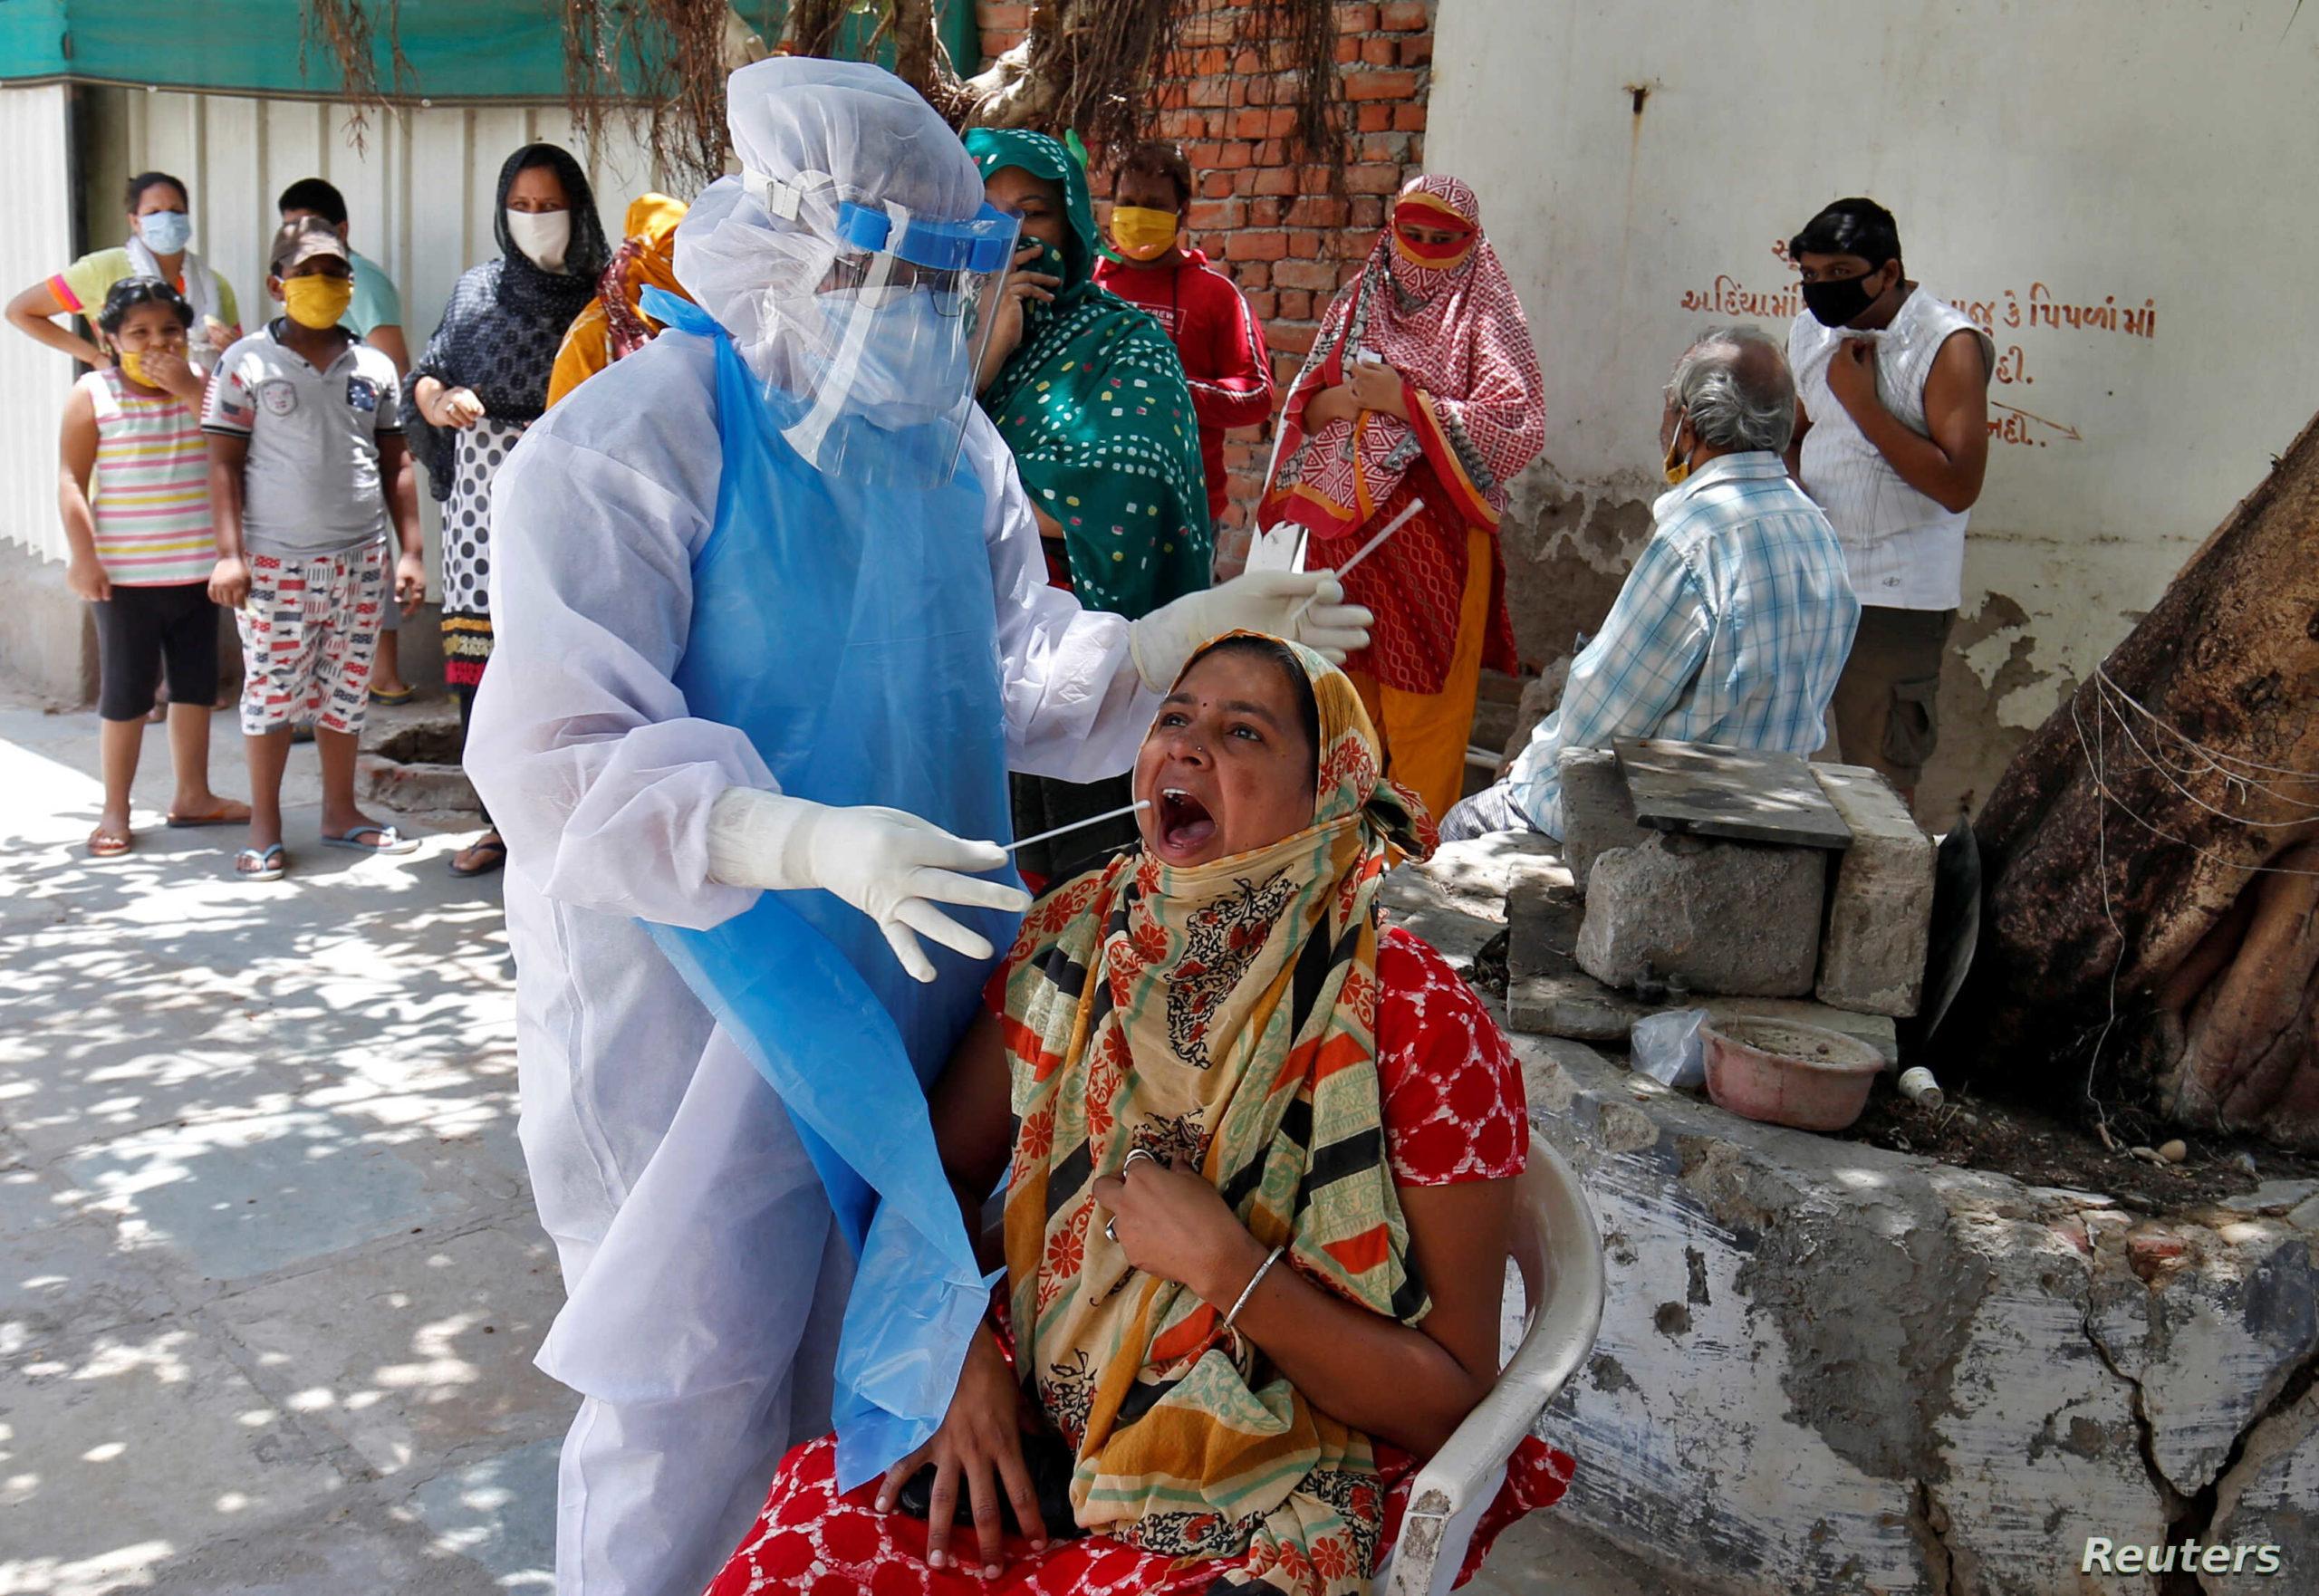 भारतमा तीन महिना यताकै उच्च कोरोना संक्रमण, आंशिक लकडाउन र कर्फ्यु जारी